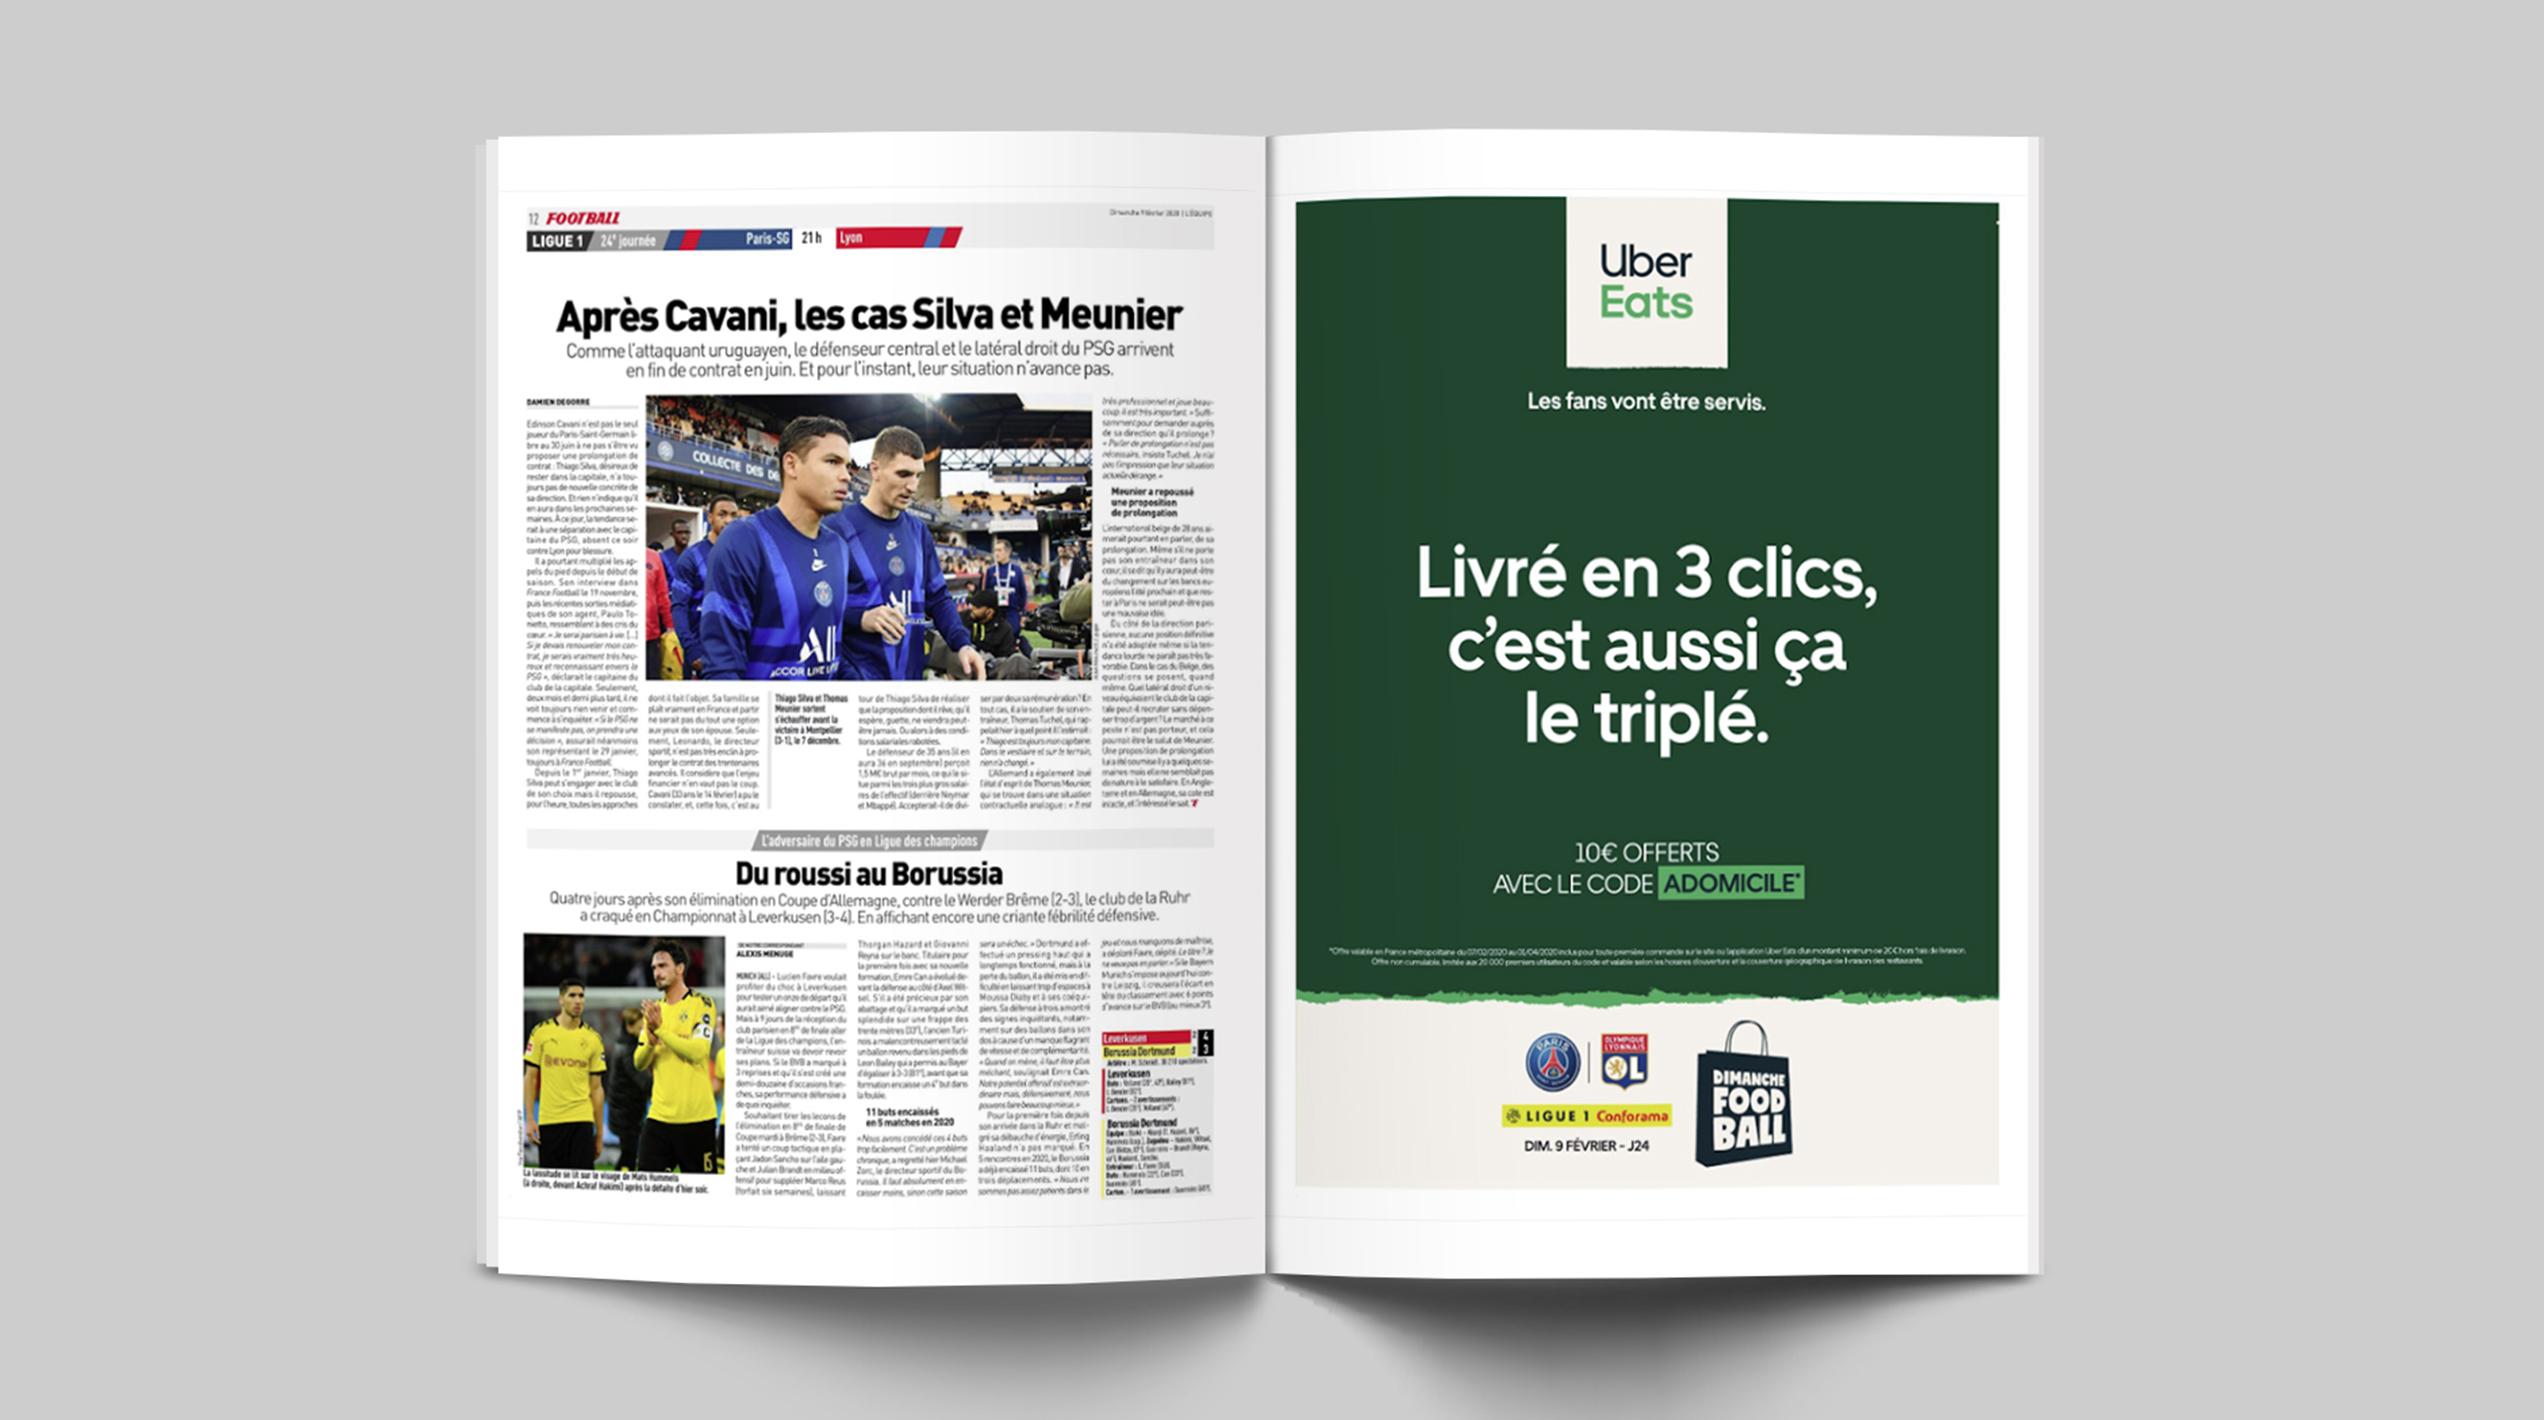 Visuel_double_page_Activation_Press_room_Livre_en_3_clics_c_est_aussi_ca_le_triple_Dimanche_Foodball_Lafourmi_ubereats_ligue_1_conforama_football